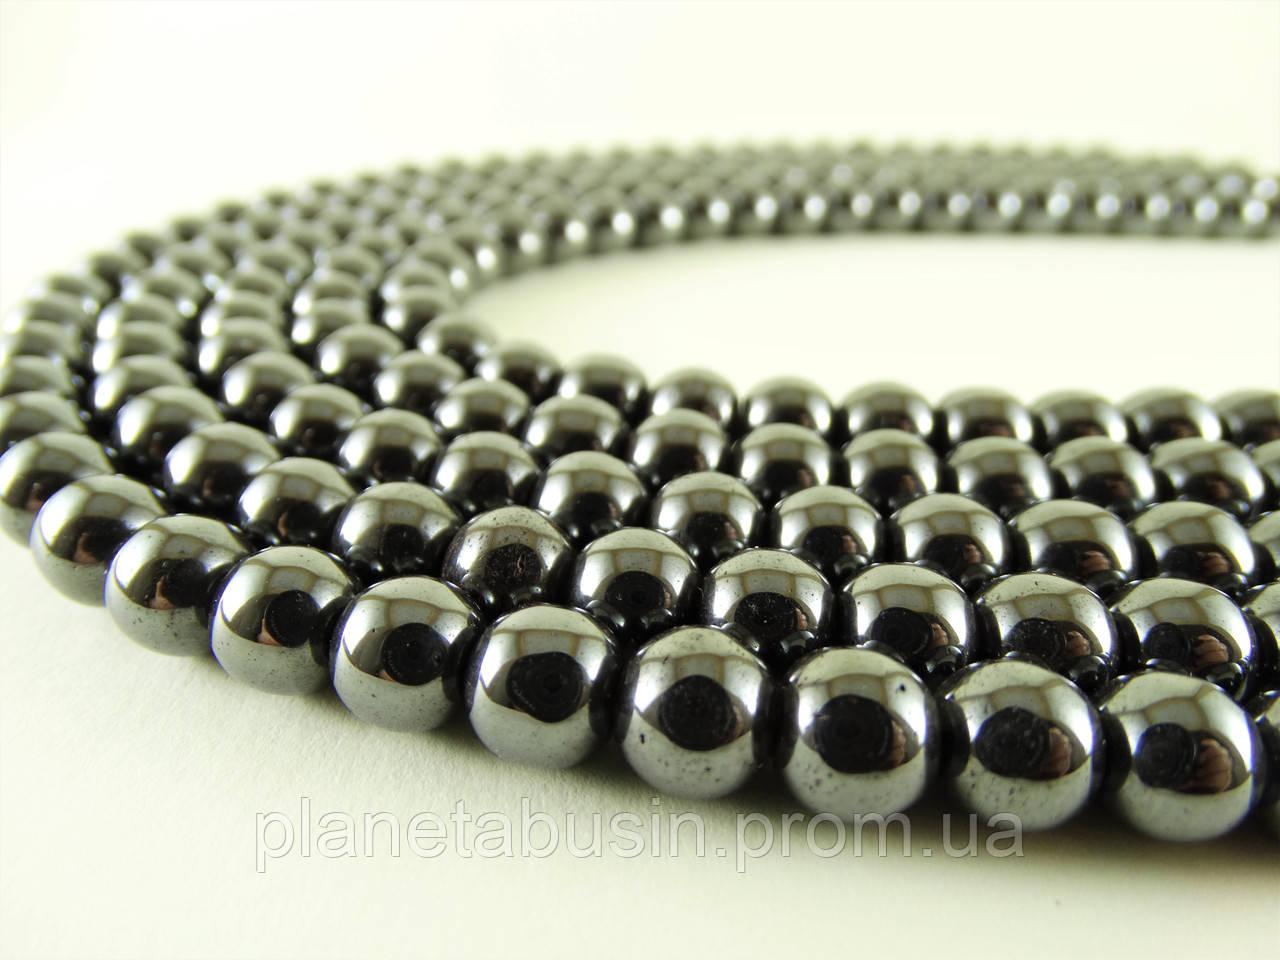 10 мм Гематит, Натуральный камень, На нитях, бусины 10 мм, Отверстие 1,5 мм, количество: 38-40 шт/нить